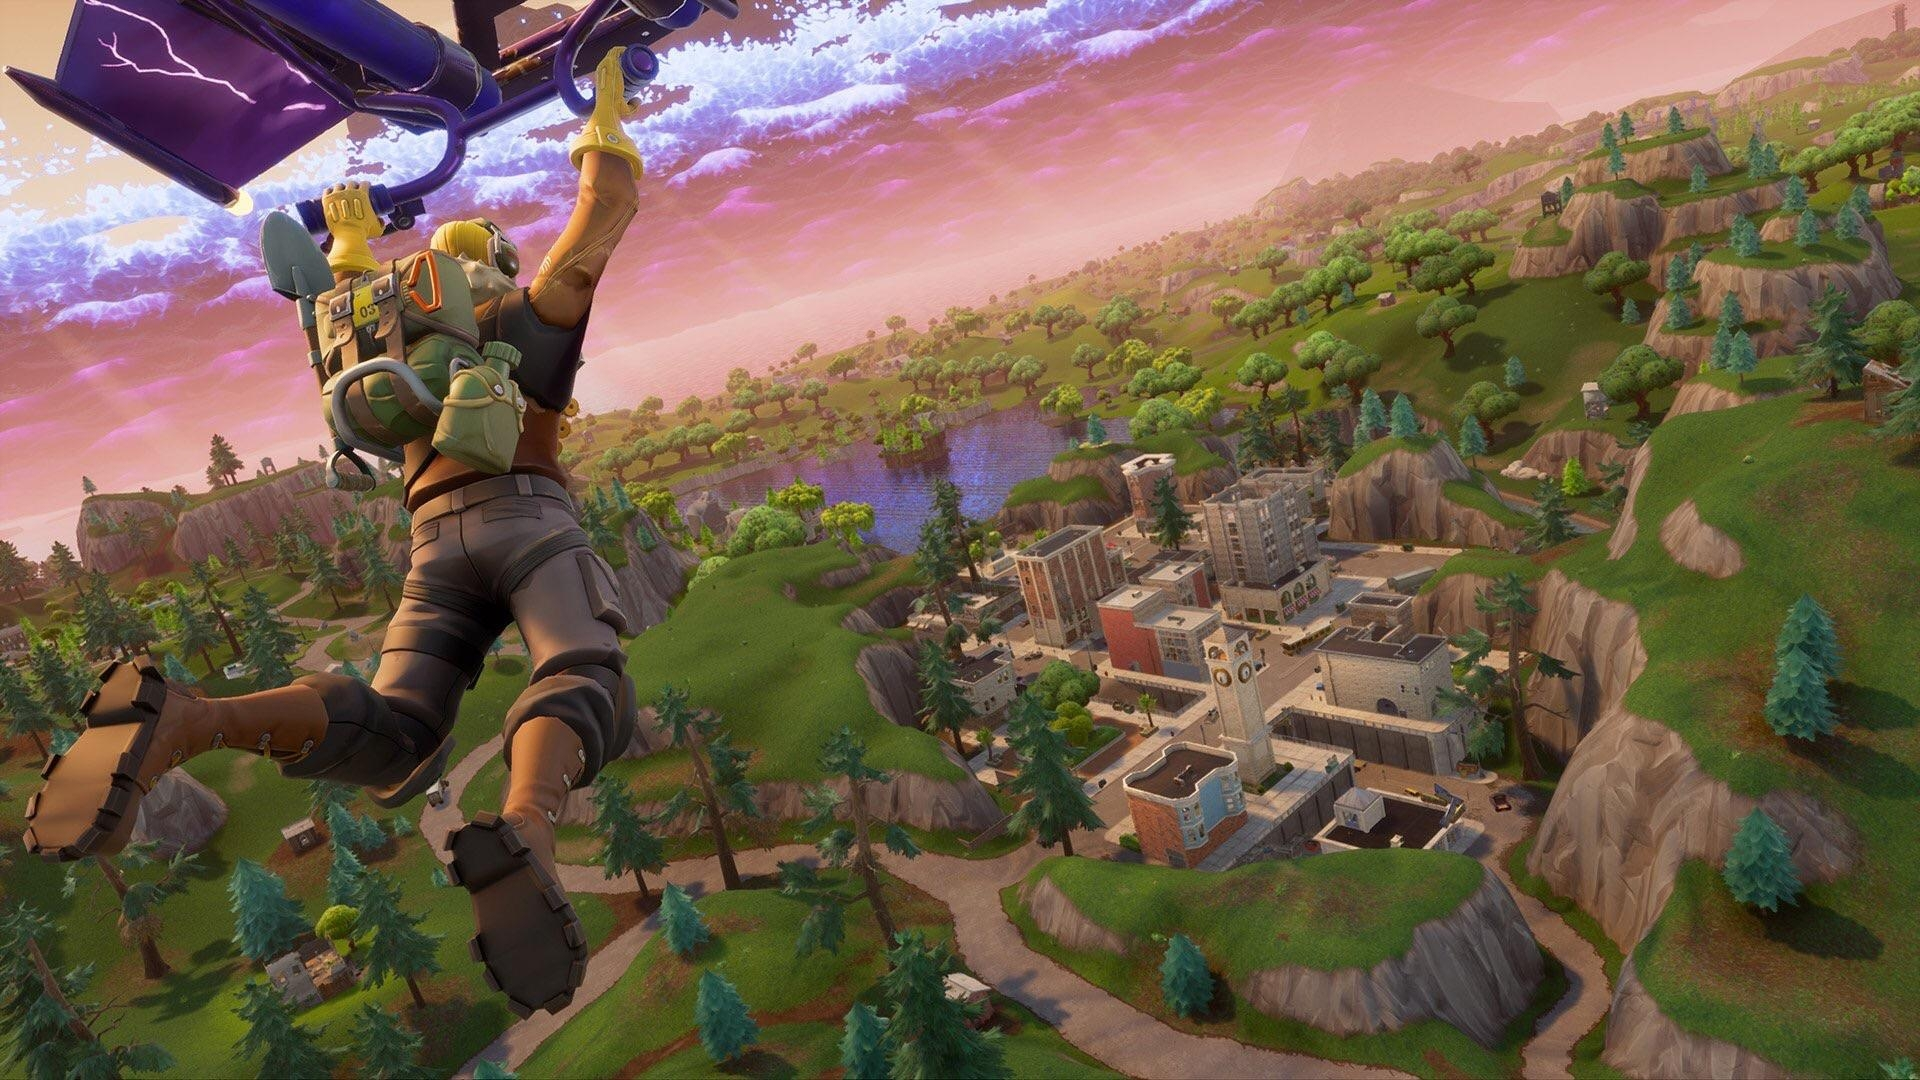 Fortnite побила рекорд PUBG по количеству одновременно играющих  пользователей